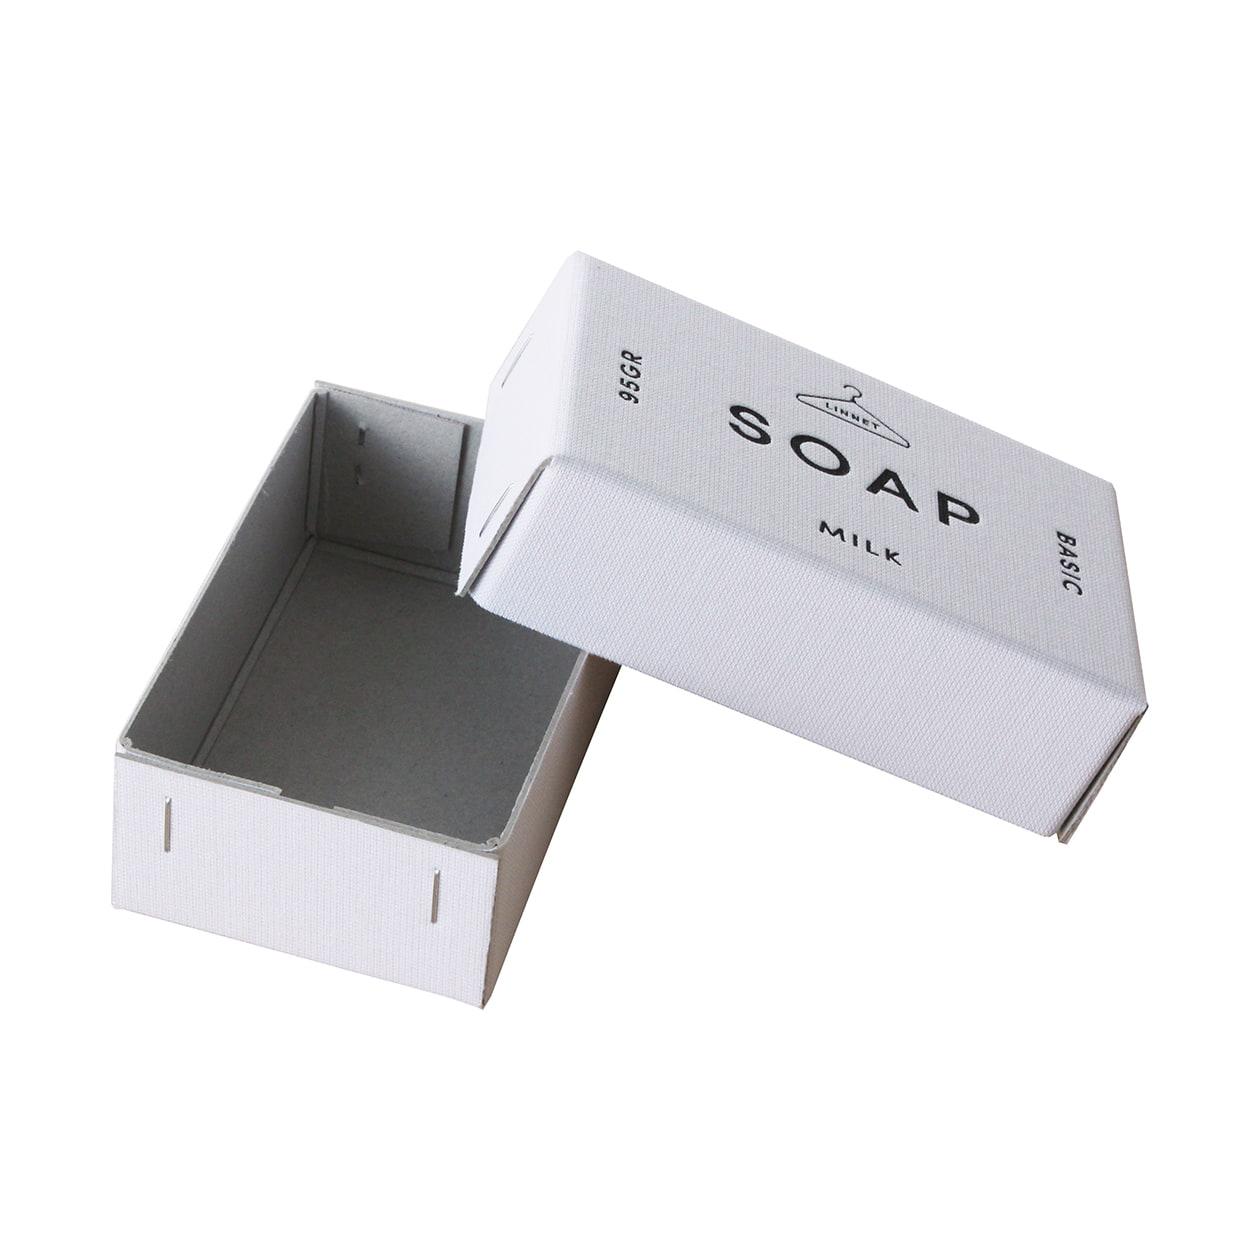 サンプル 箱(ホッチキスどめ) 00009